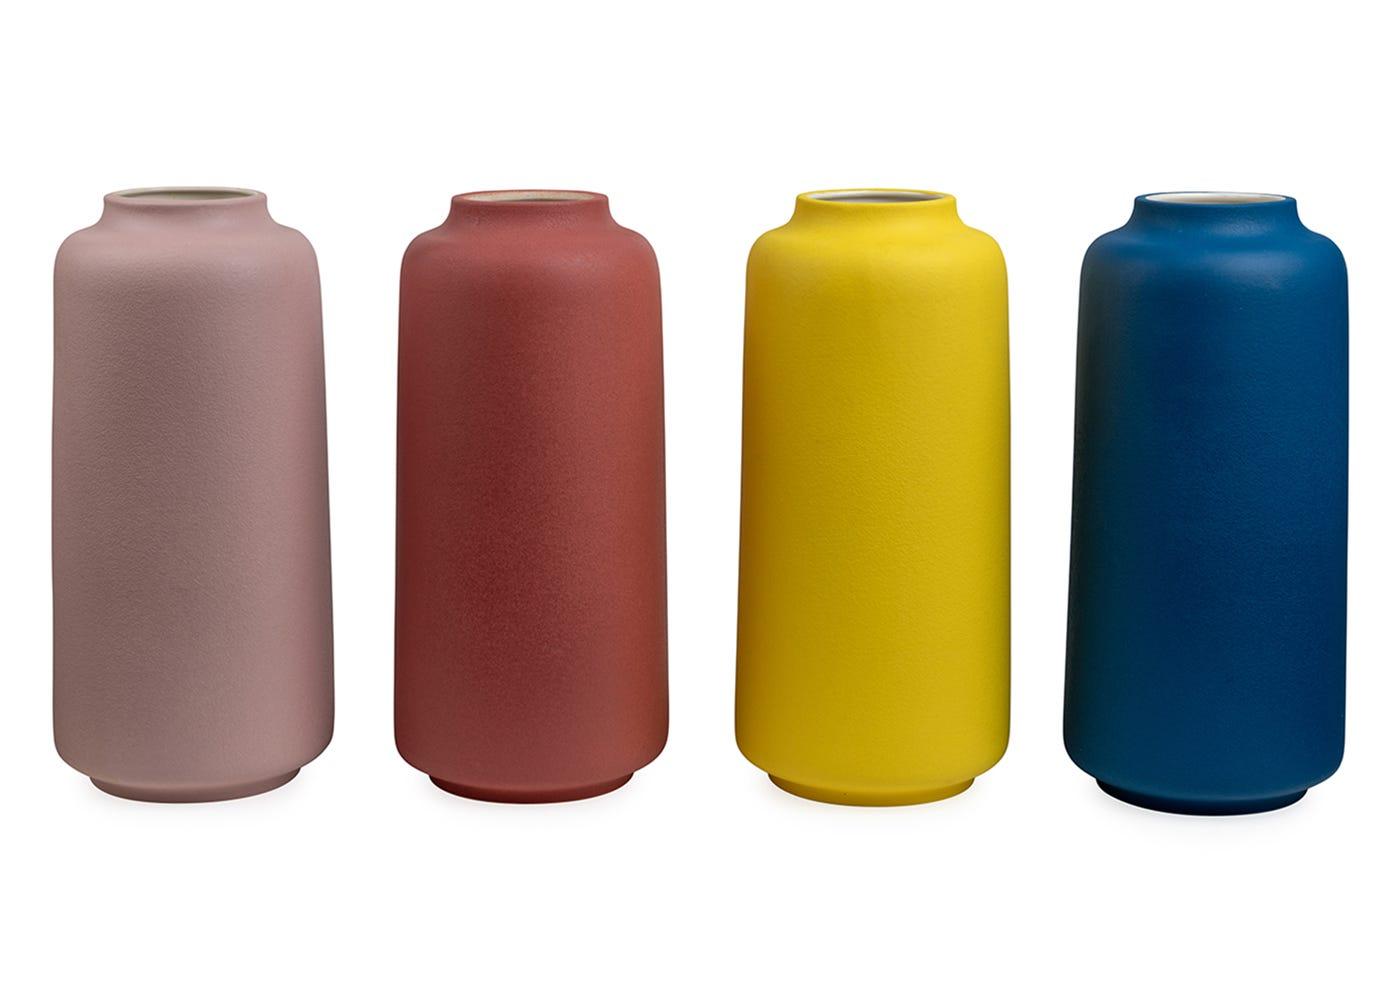 Medium trent vases